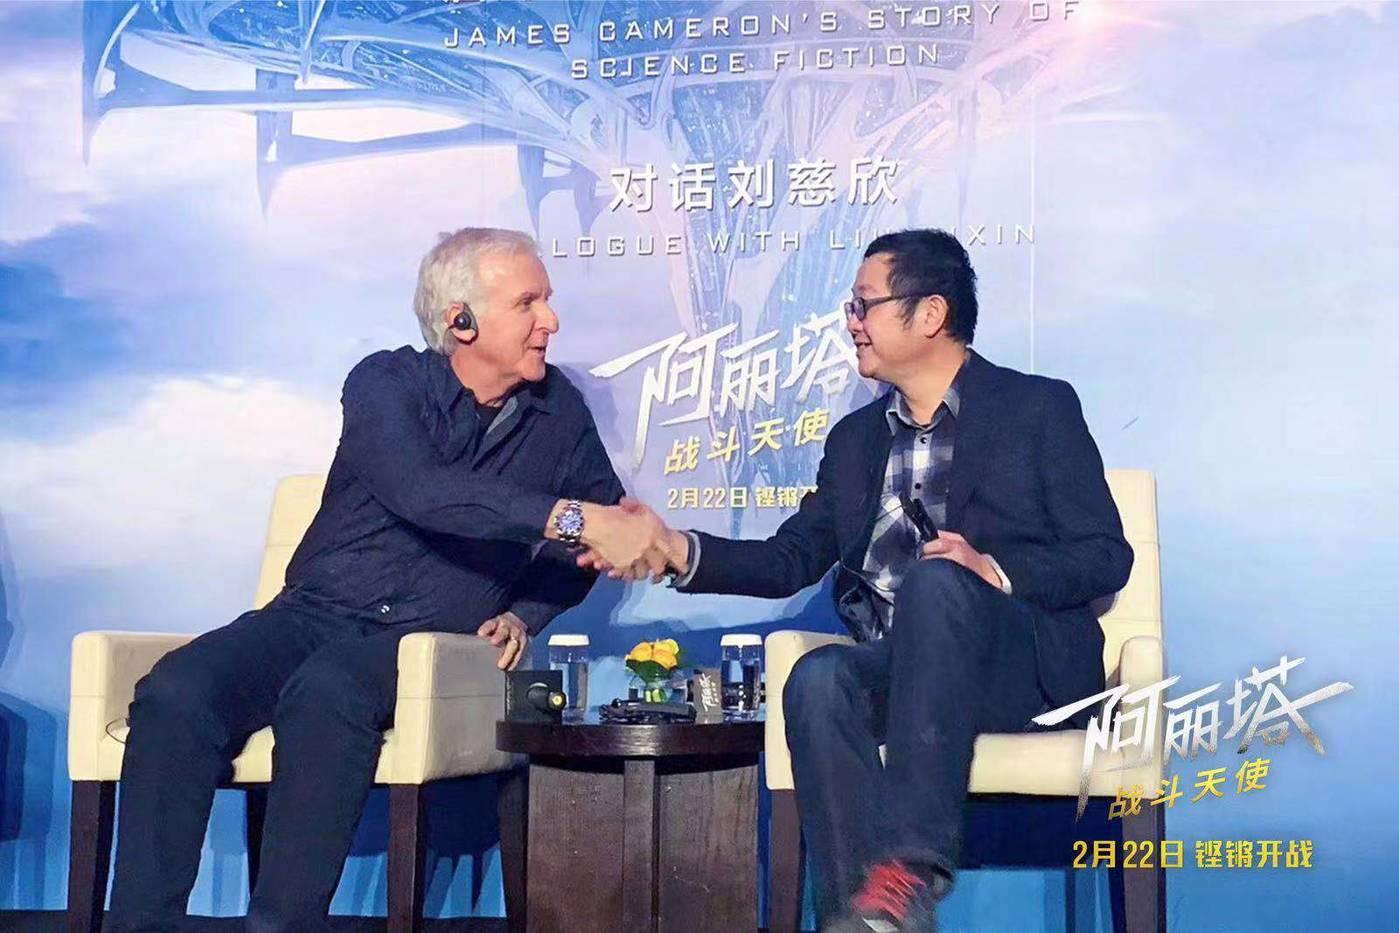 卡梅隆(左)对话刘慈欣(右)